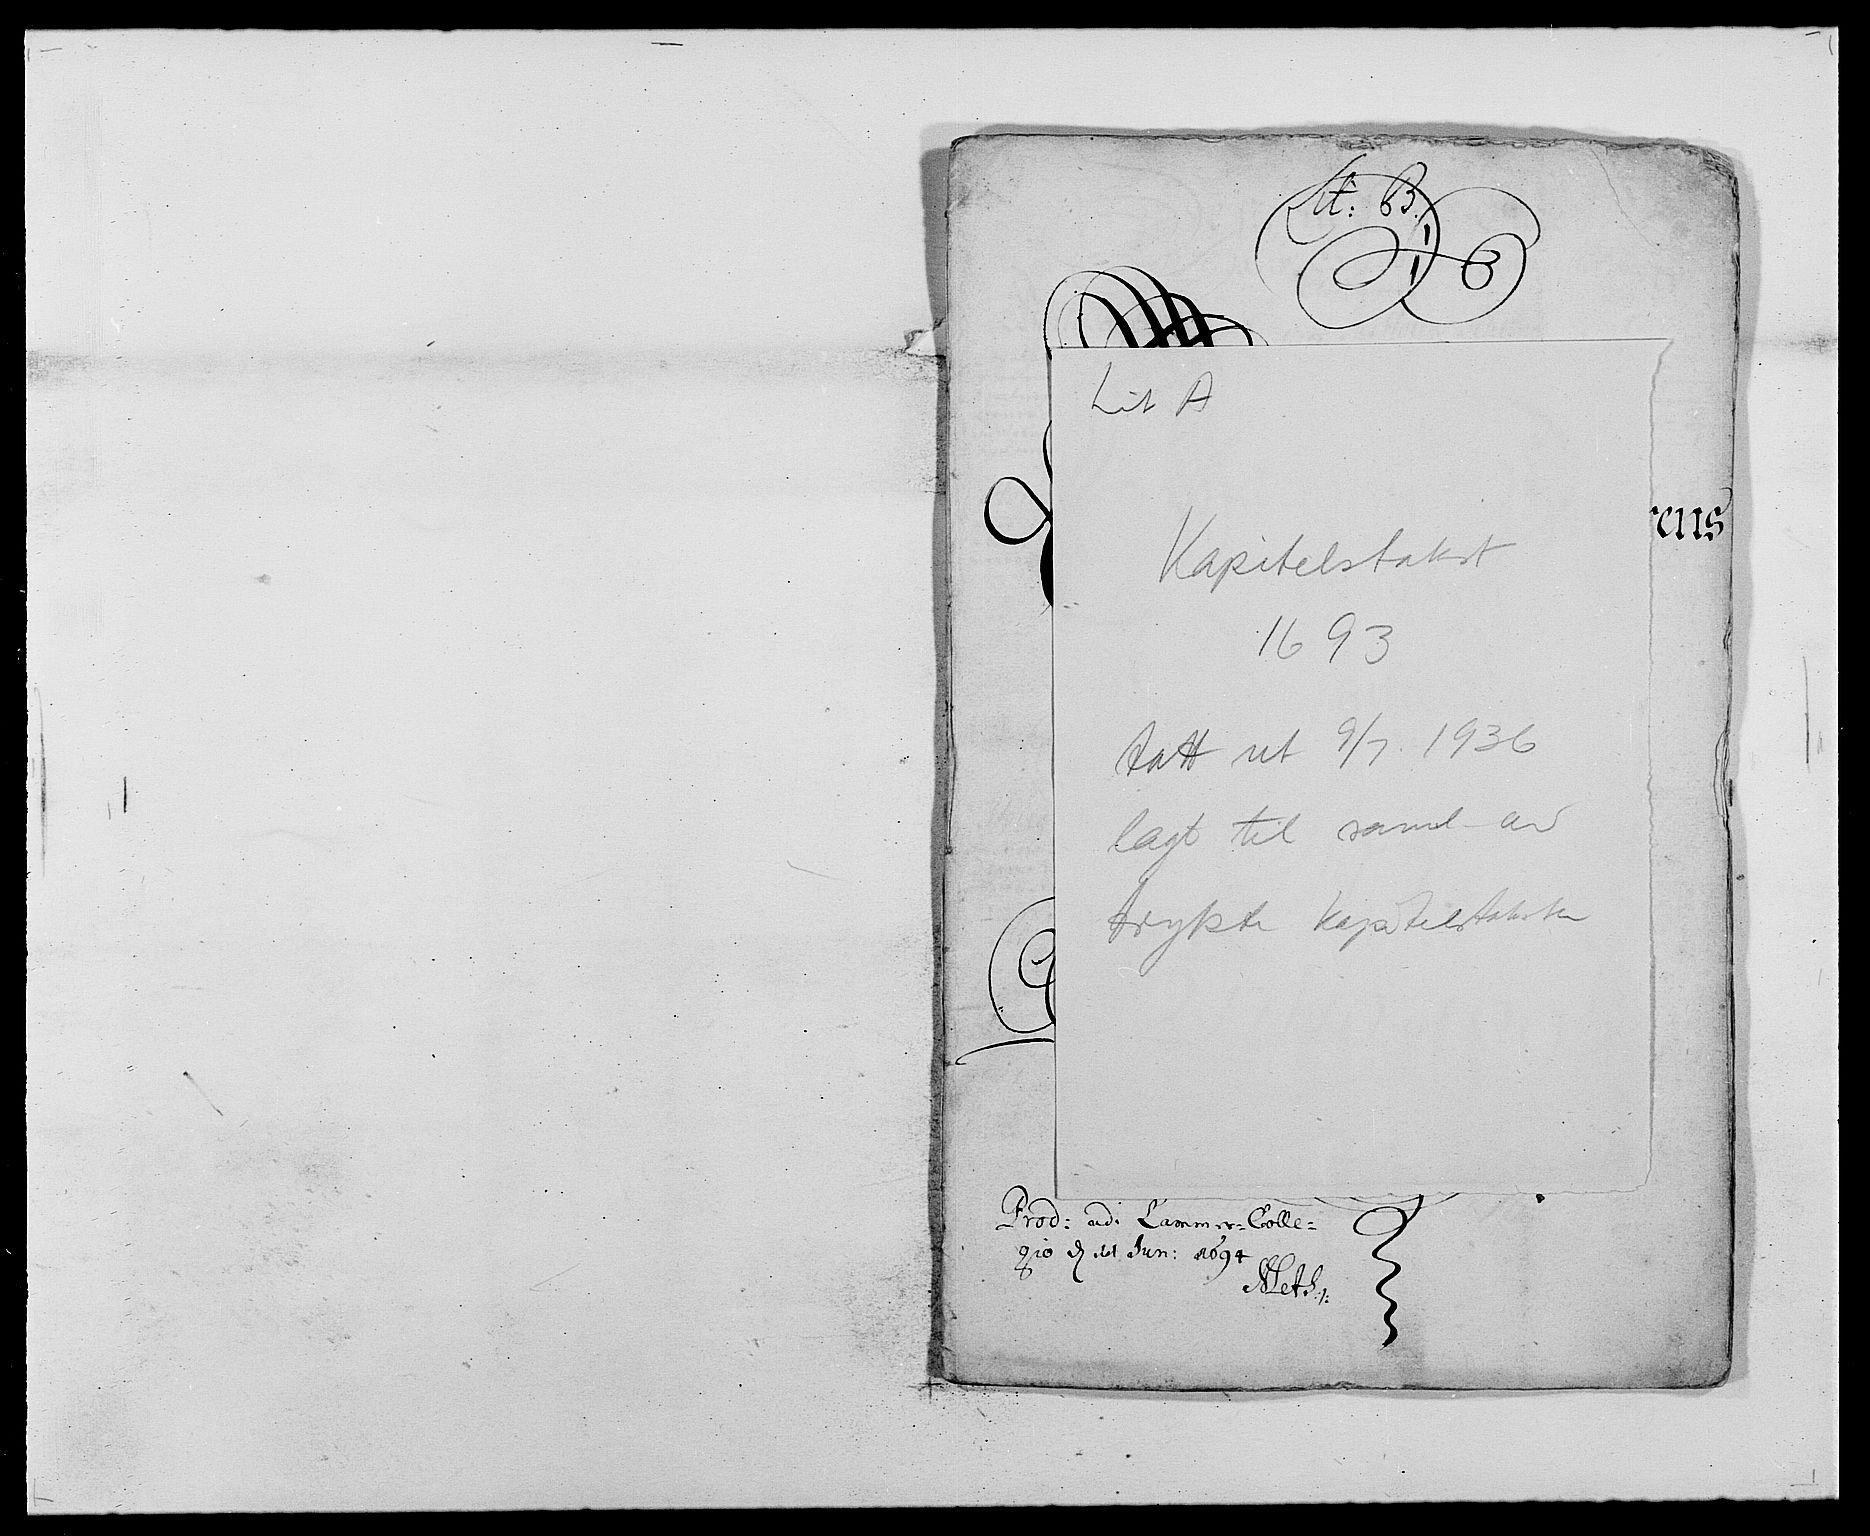 RA, Rentekammeret inntil 1814, Reviderte regnskaper, Fogderegnskap, R46/L2727: Fogderegnskap Jæren og Dalane, 1690-1693, s. 242